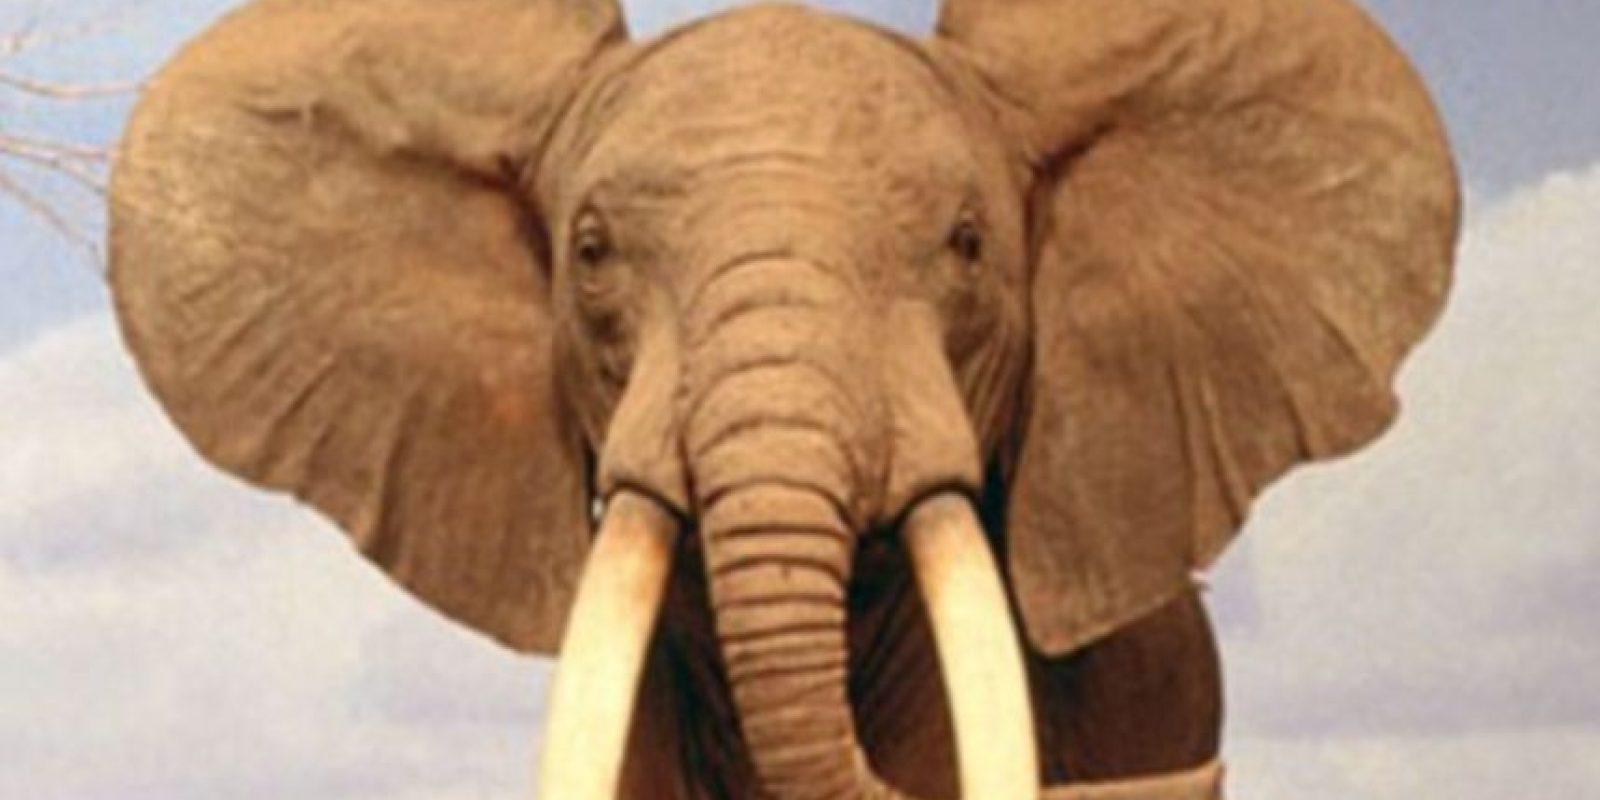 Los colmillos de los elefantes pueden atravesarlos, sus patas aplastar sus órganos internos. Por eso los usaban en la guerra. Foto:vía Wikipedia